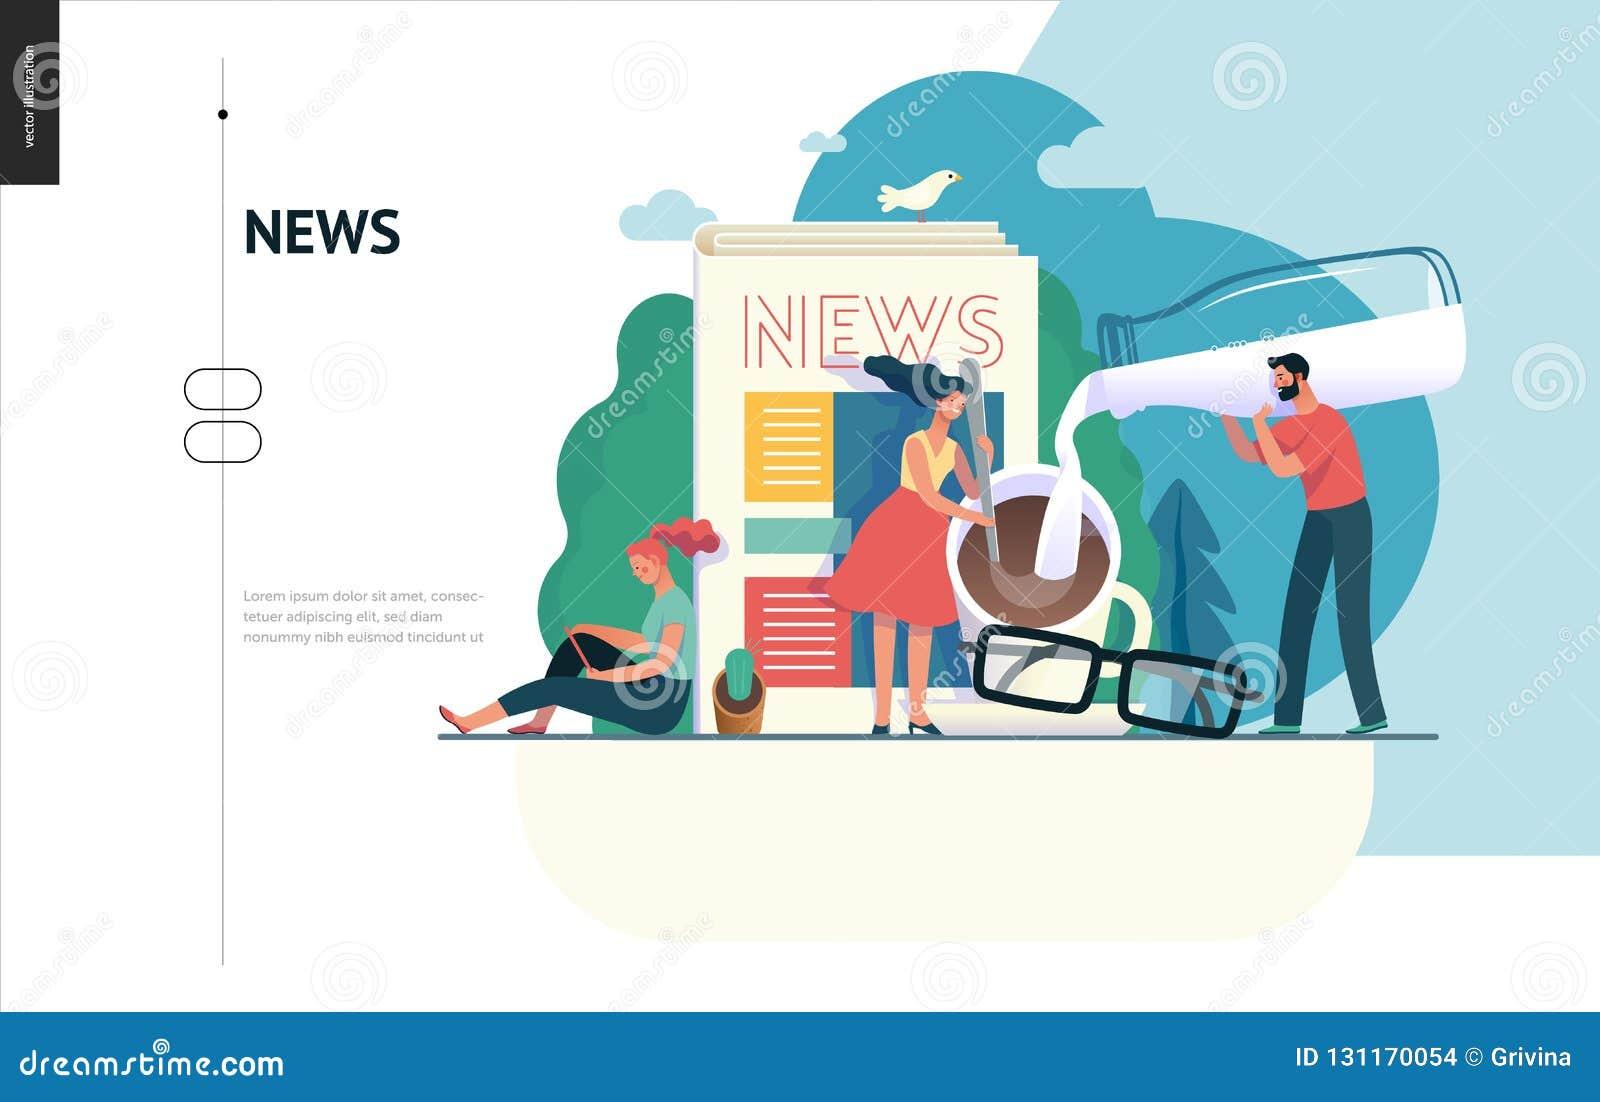 Affärsserie - nyheterna eller artiklar, rengöringsdukmall